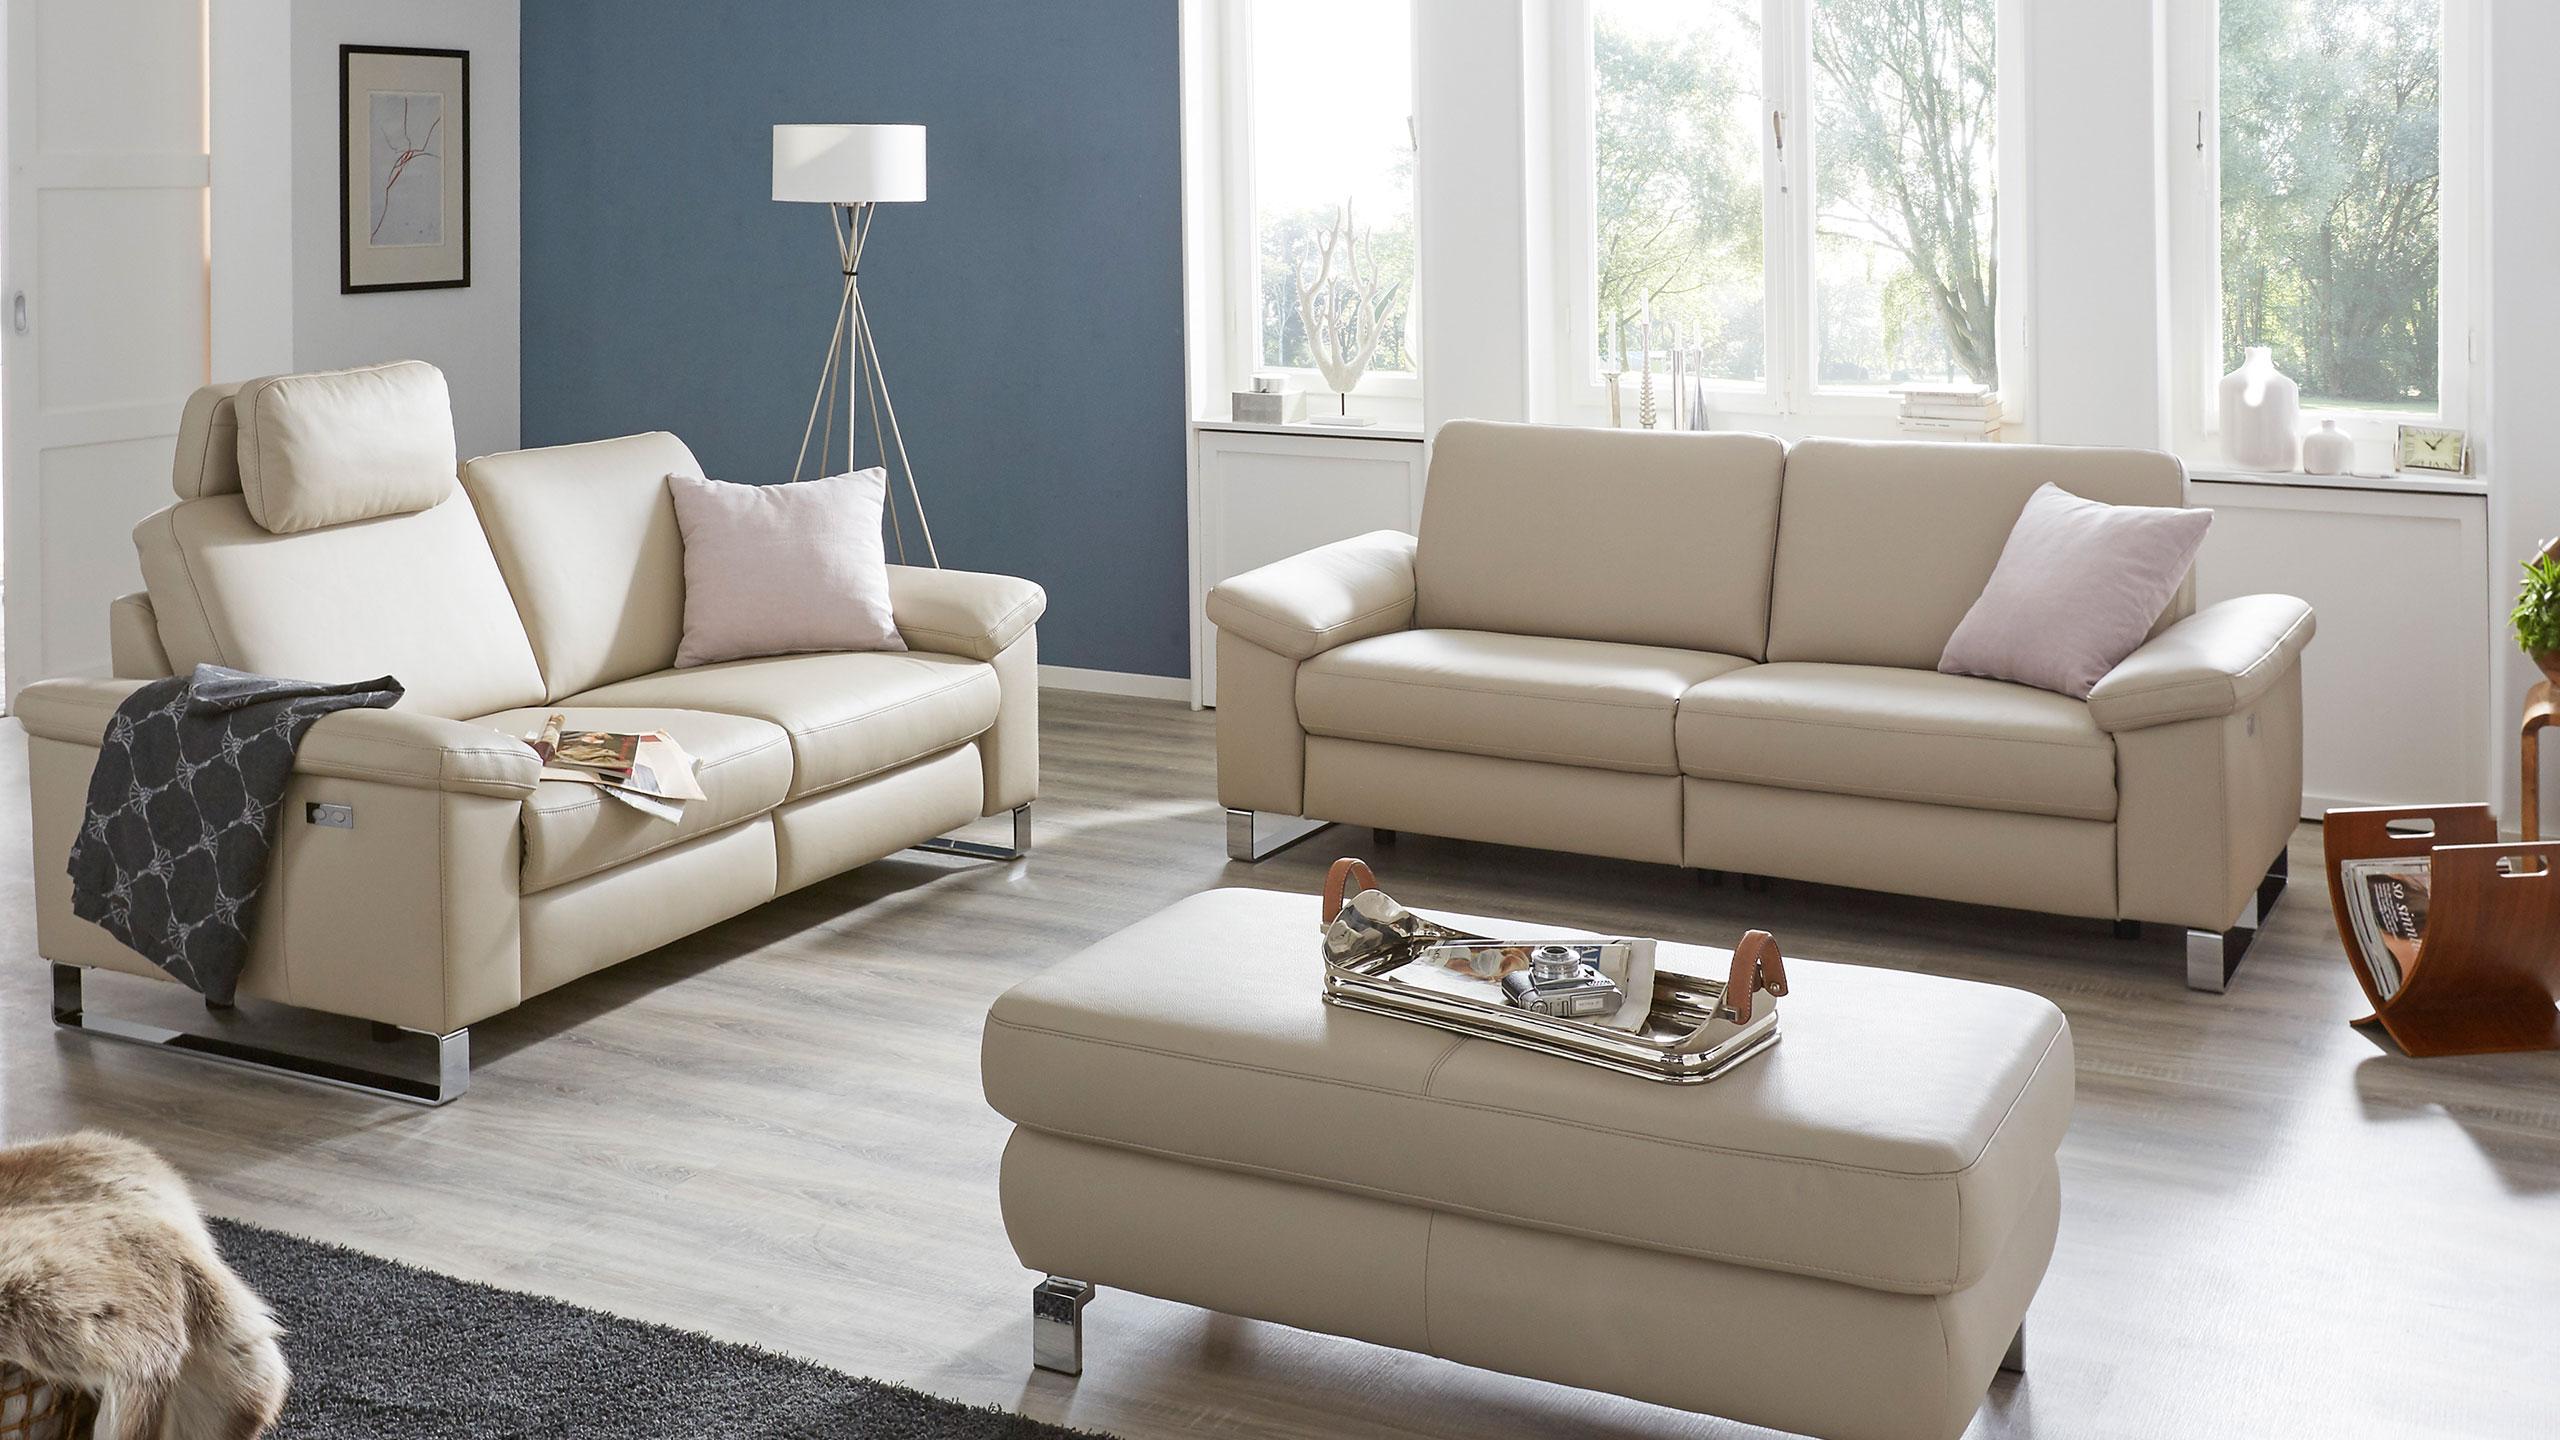 Full Size of Sofa Garnitur Garnituren 3 2 1 3 Teilig Leder Kasper Wohndesign 2 Couch Ikea Billiger Schwarz Poco Echtleder Hersteller 1 Moderne Couchgarnitur Kaufen Casco Sofa Sofa Garnitur